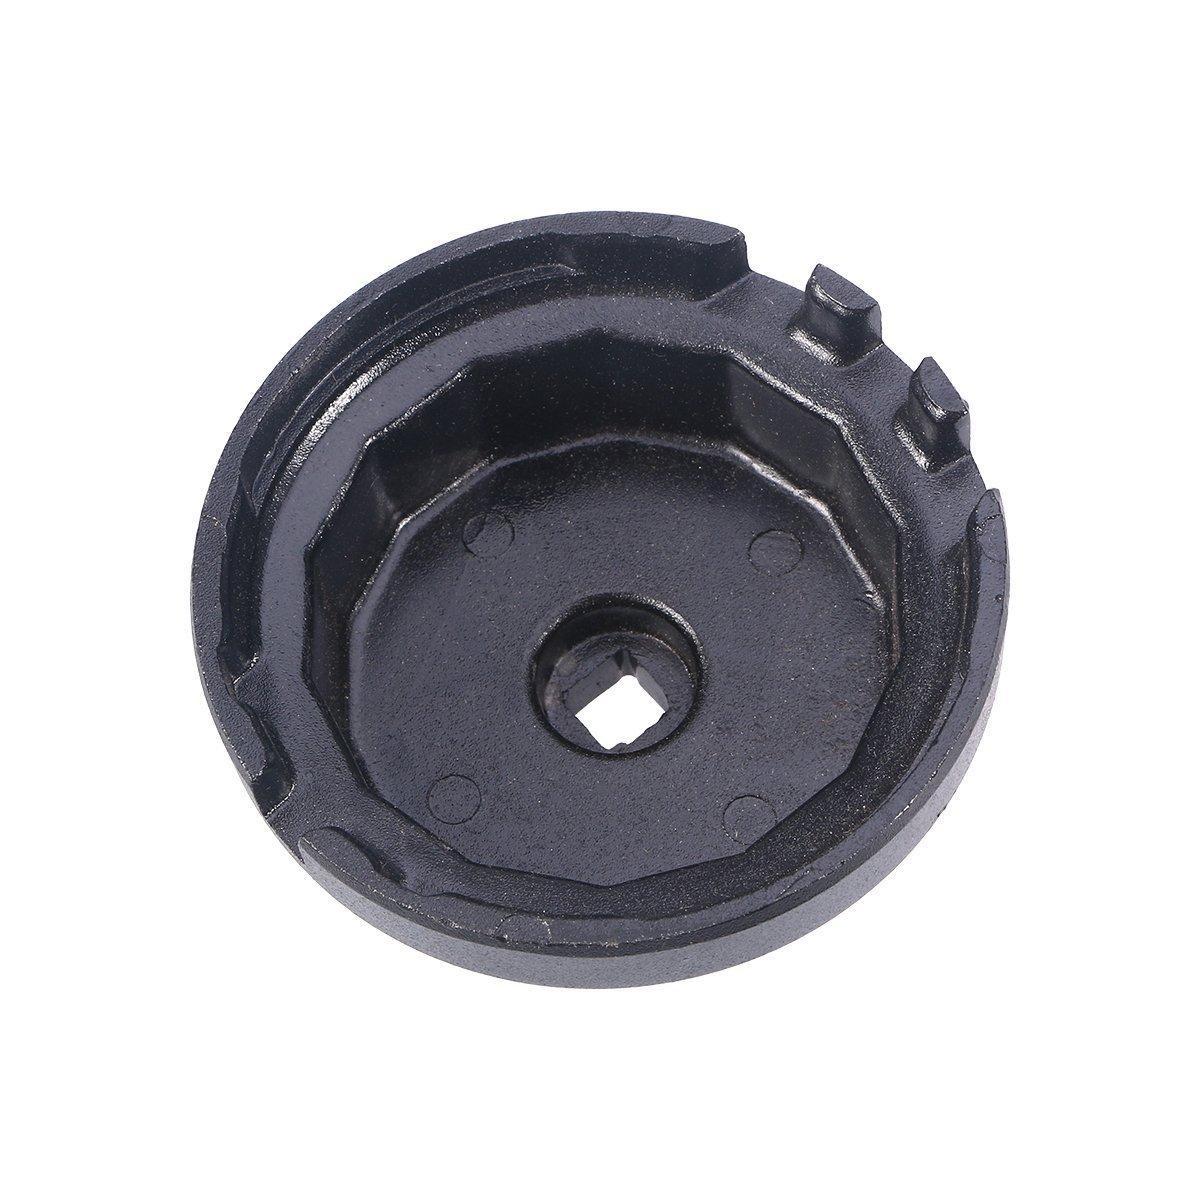 WINOMO Filtro de aceite llave para Lexus Rav4/Highlander Toyota Tundra con l/áser estilo carcasas de filtro de aceite